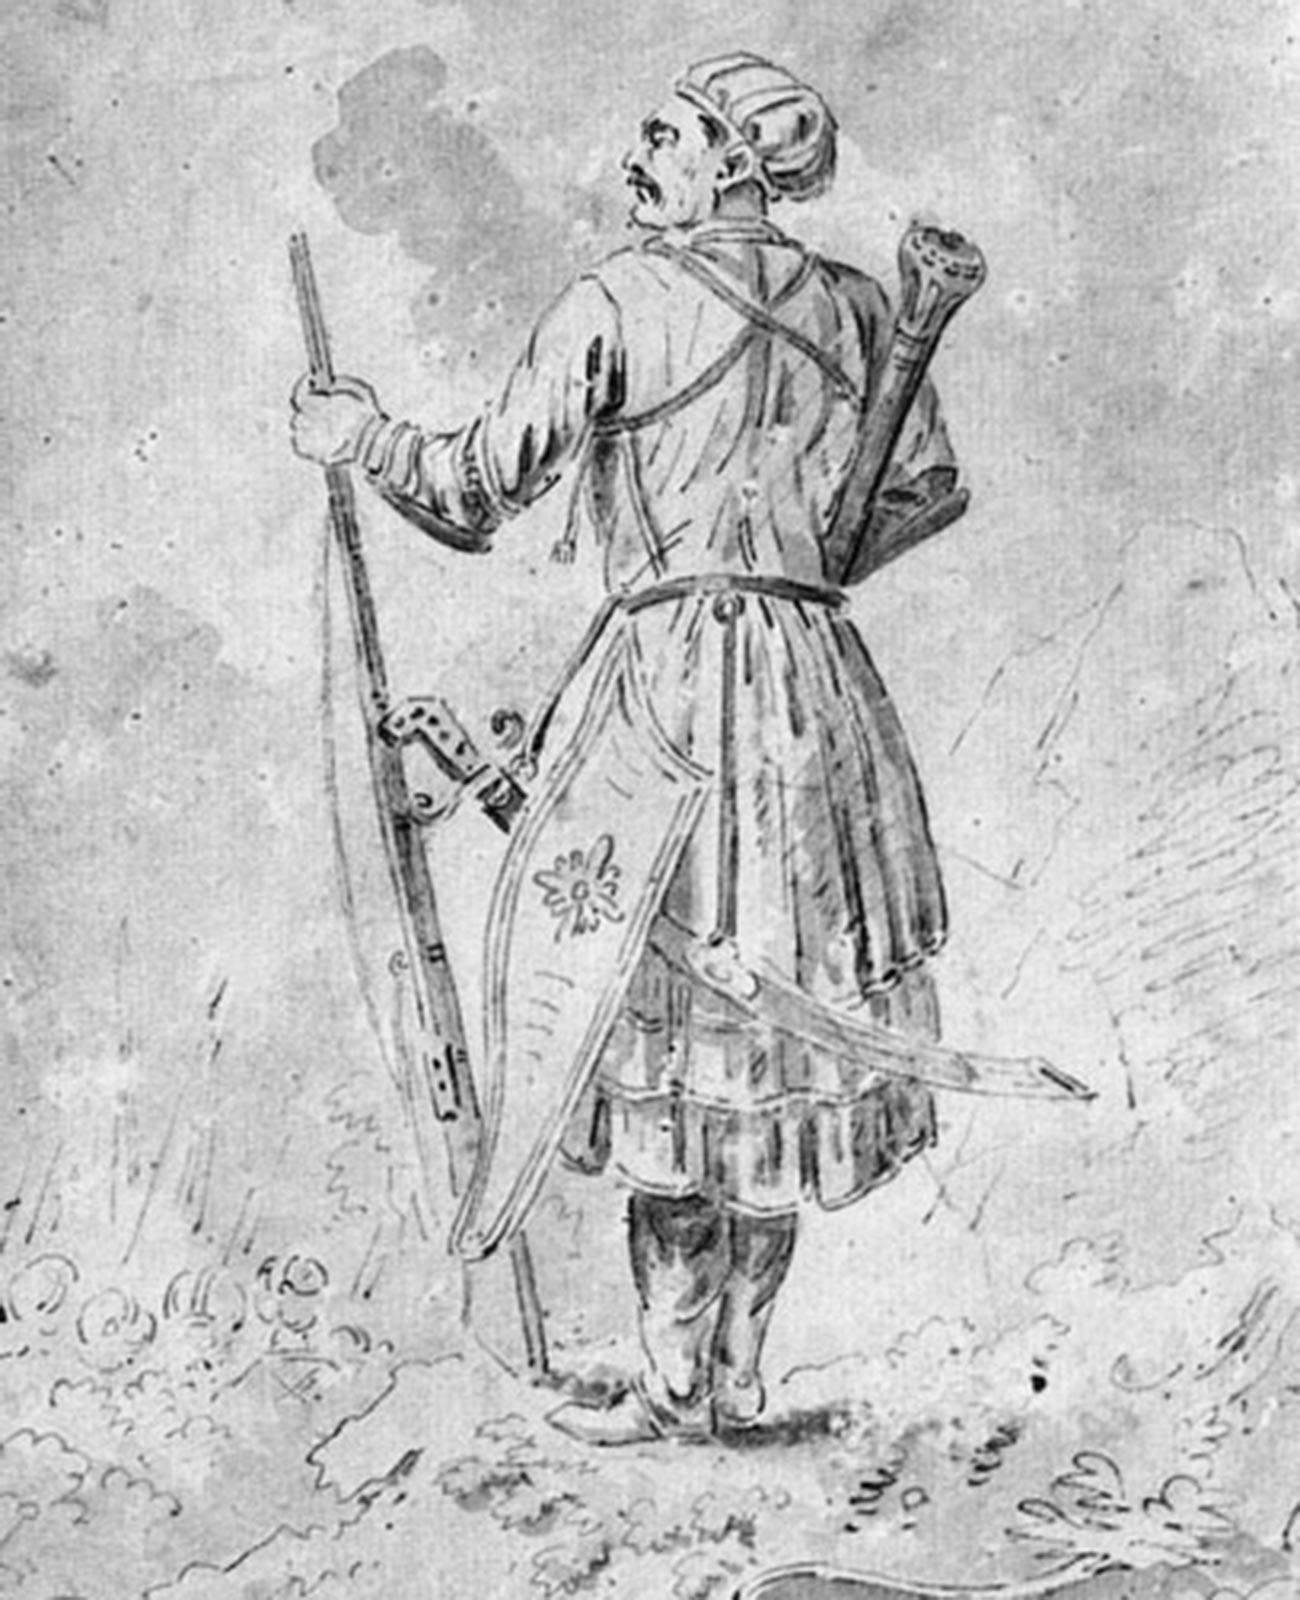 Ritratto del principe Aleksandr Bekovich-Cherkasskij, inizio del 1700